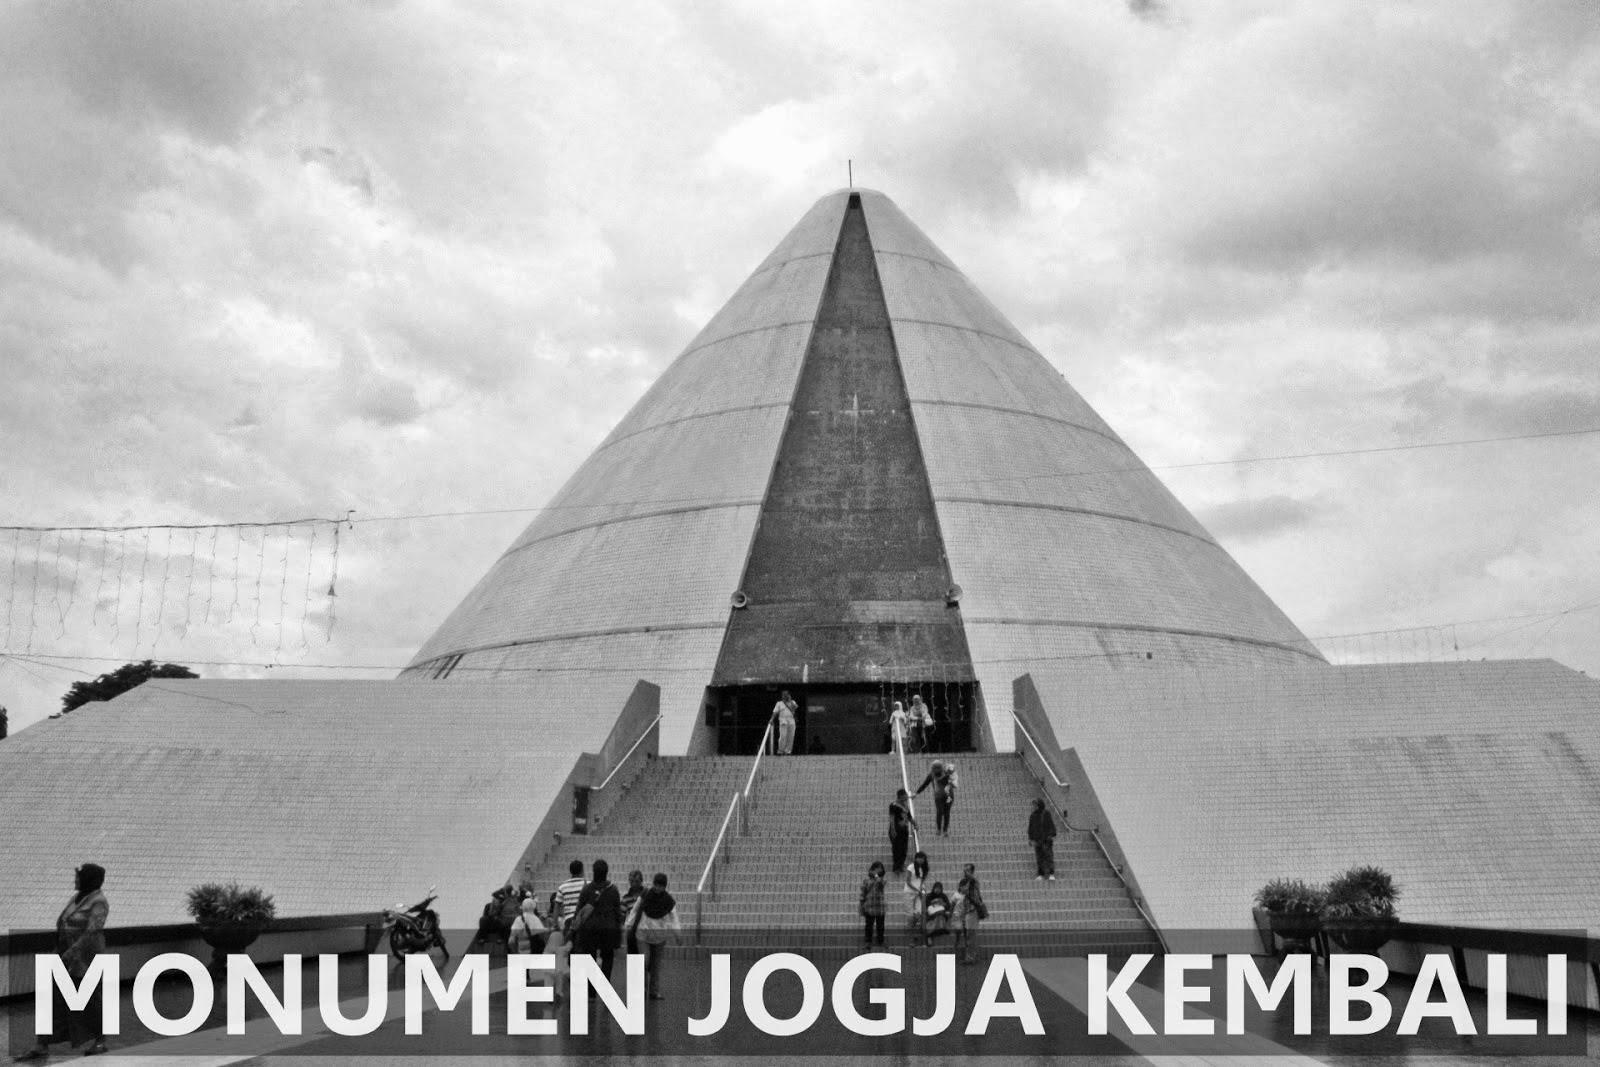 MONJALI (Monumen Jogja Kembali)